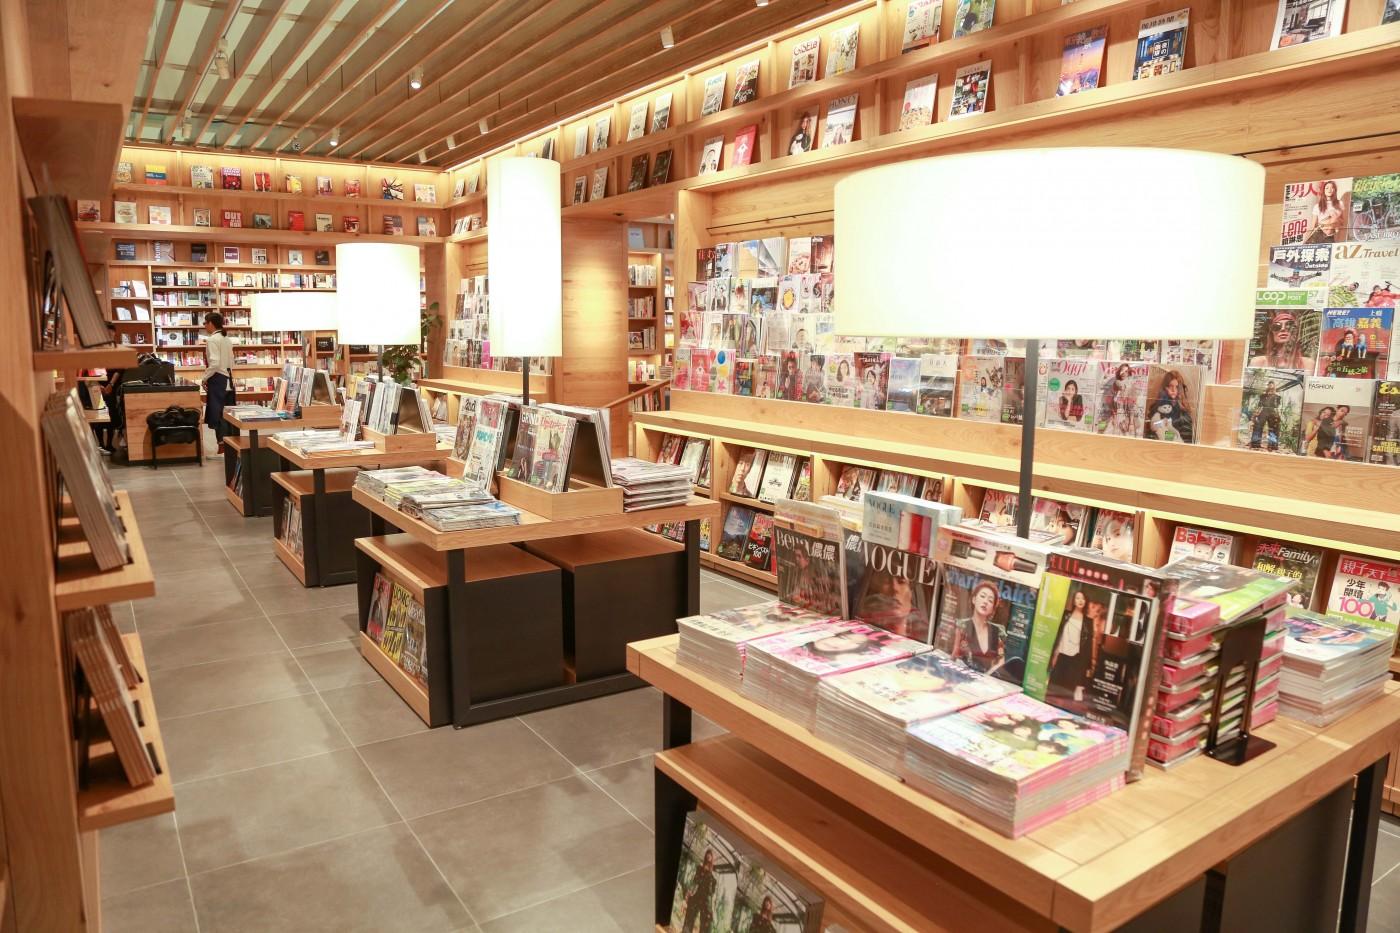 「我們比誠品更精緻」 TSUTAYA目標在台灣3年內至少展5家店